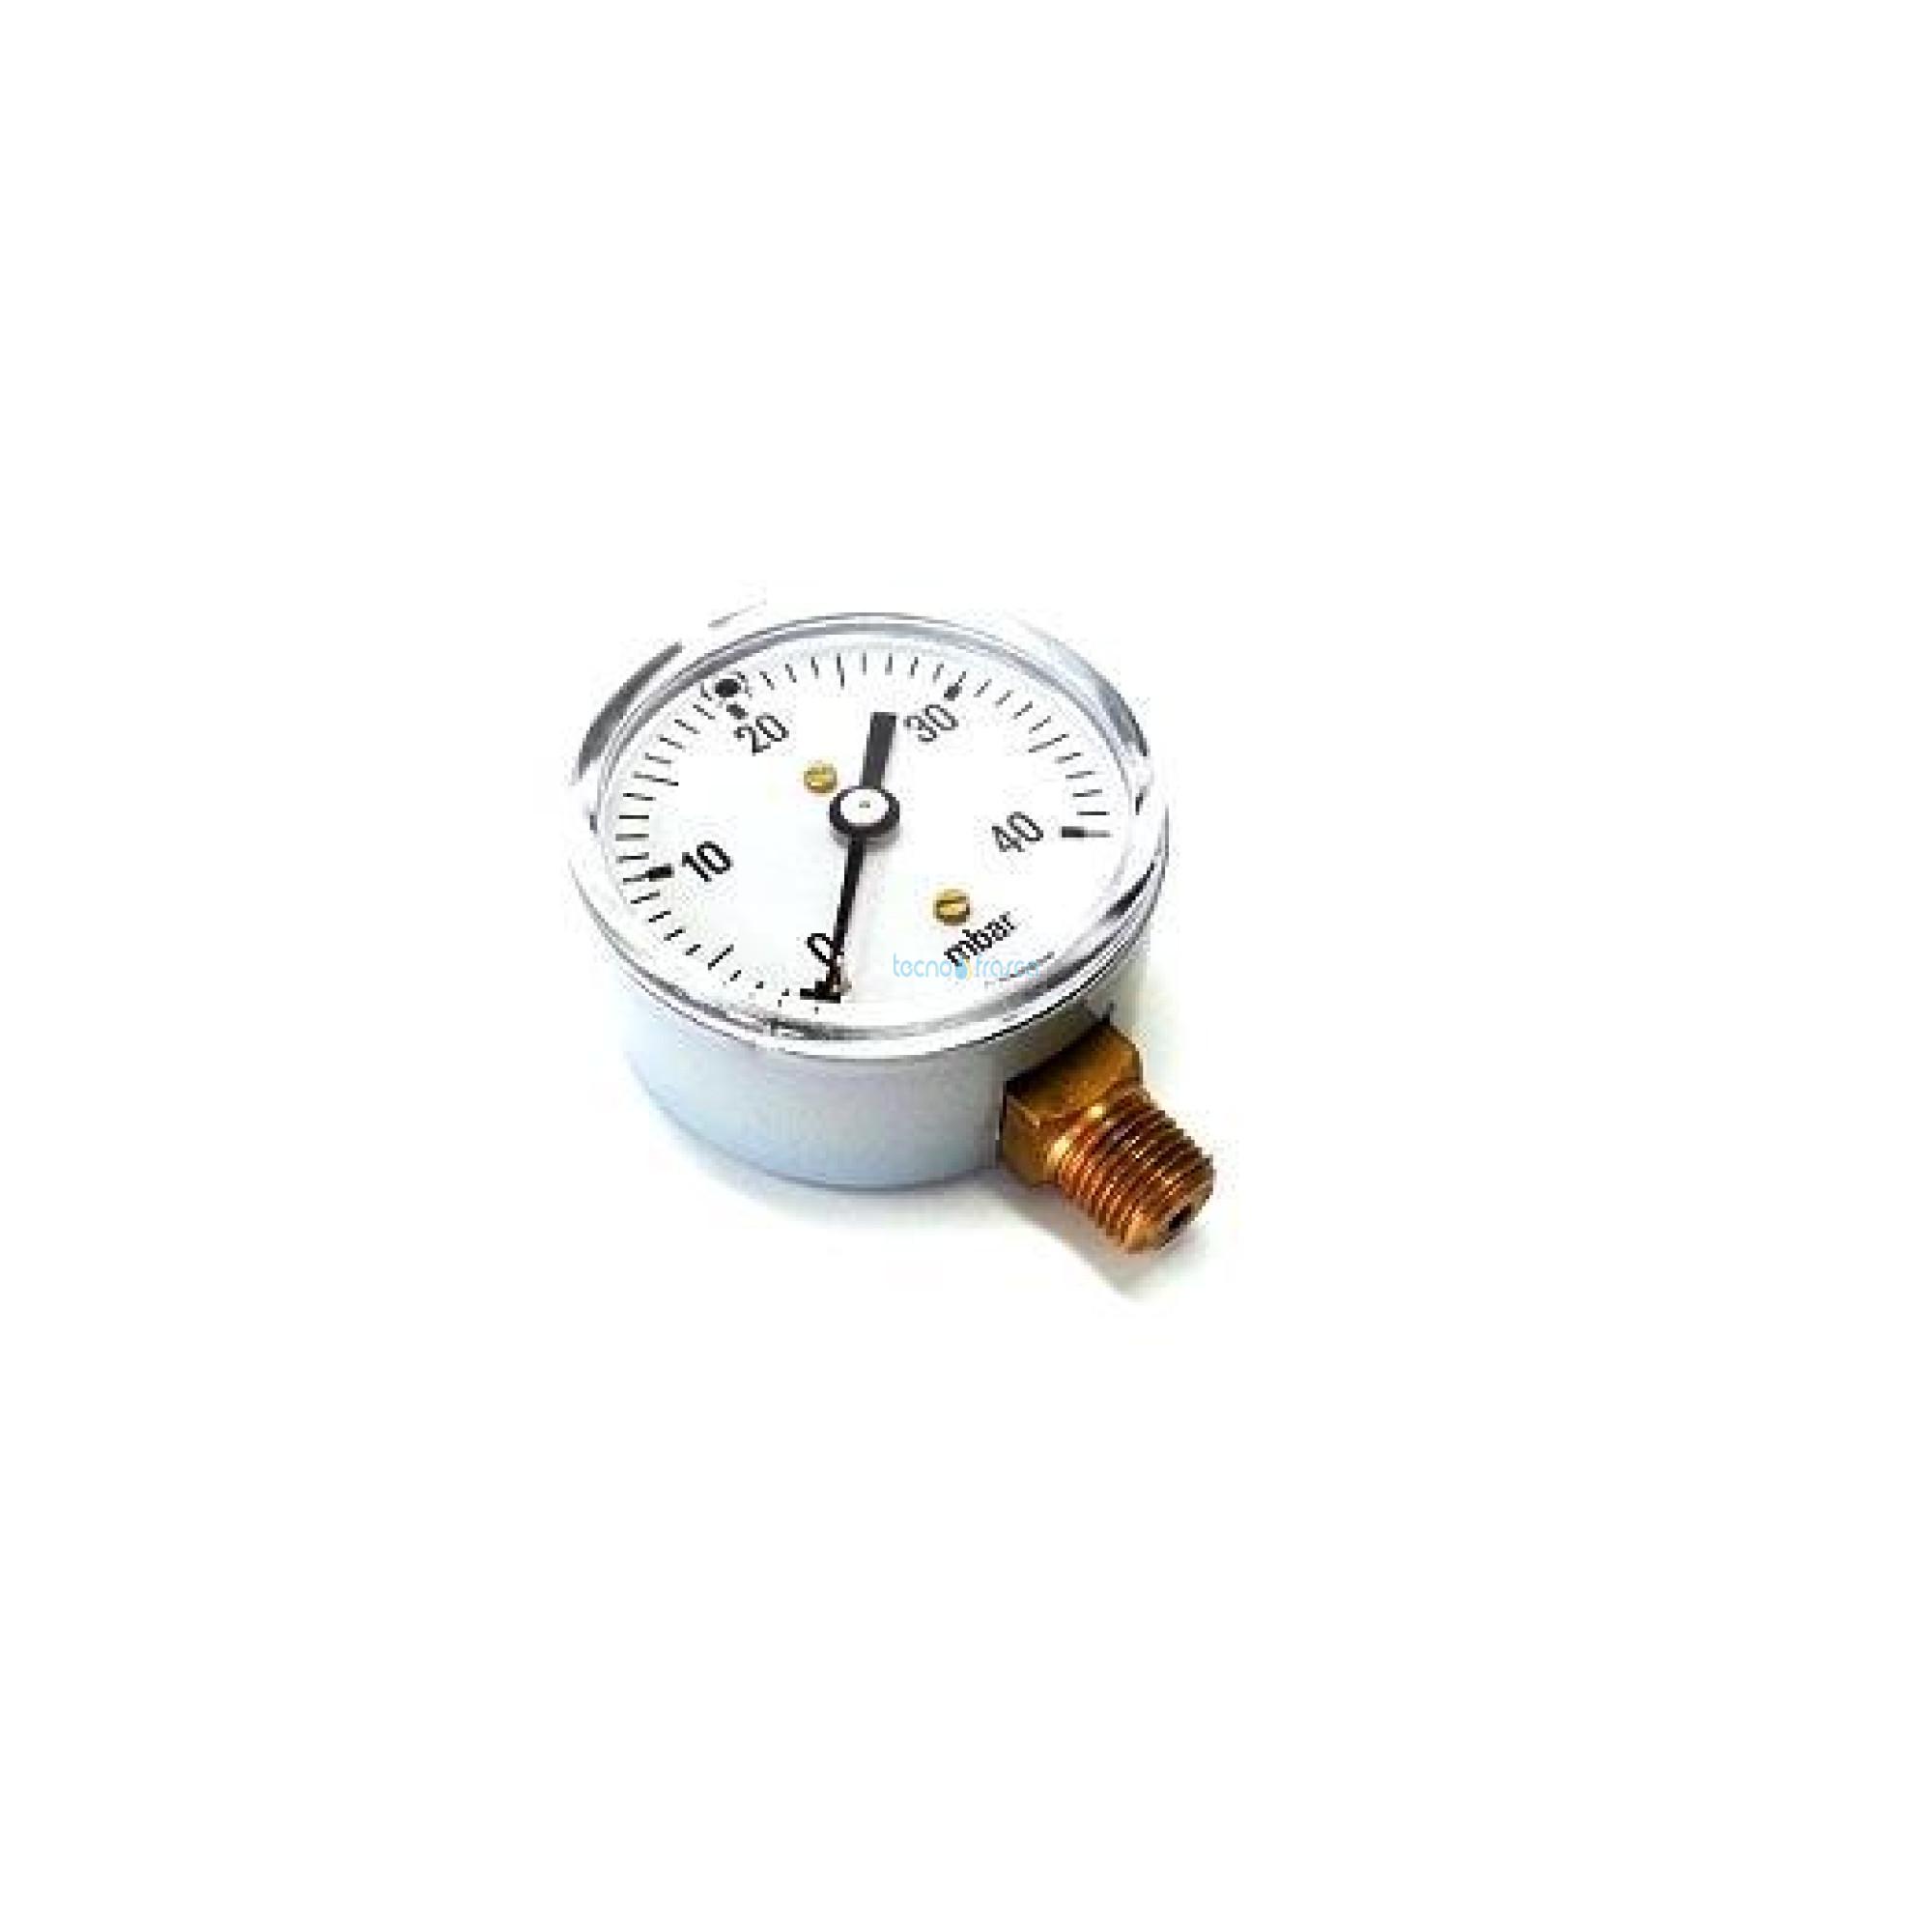 Manometro gas m63 r1/4 40bar cewal 91406201